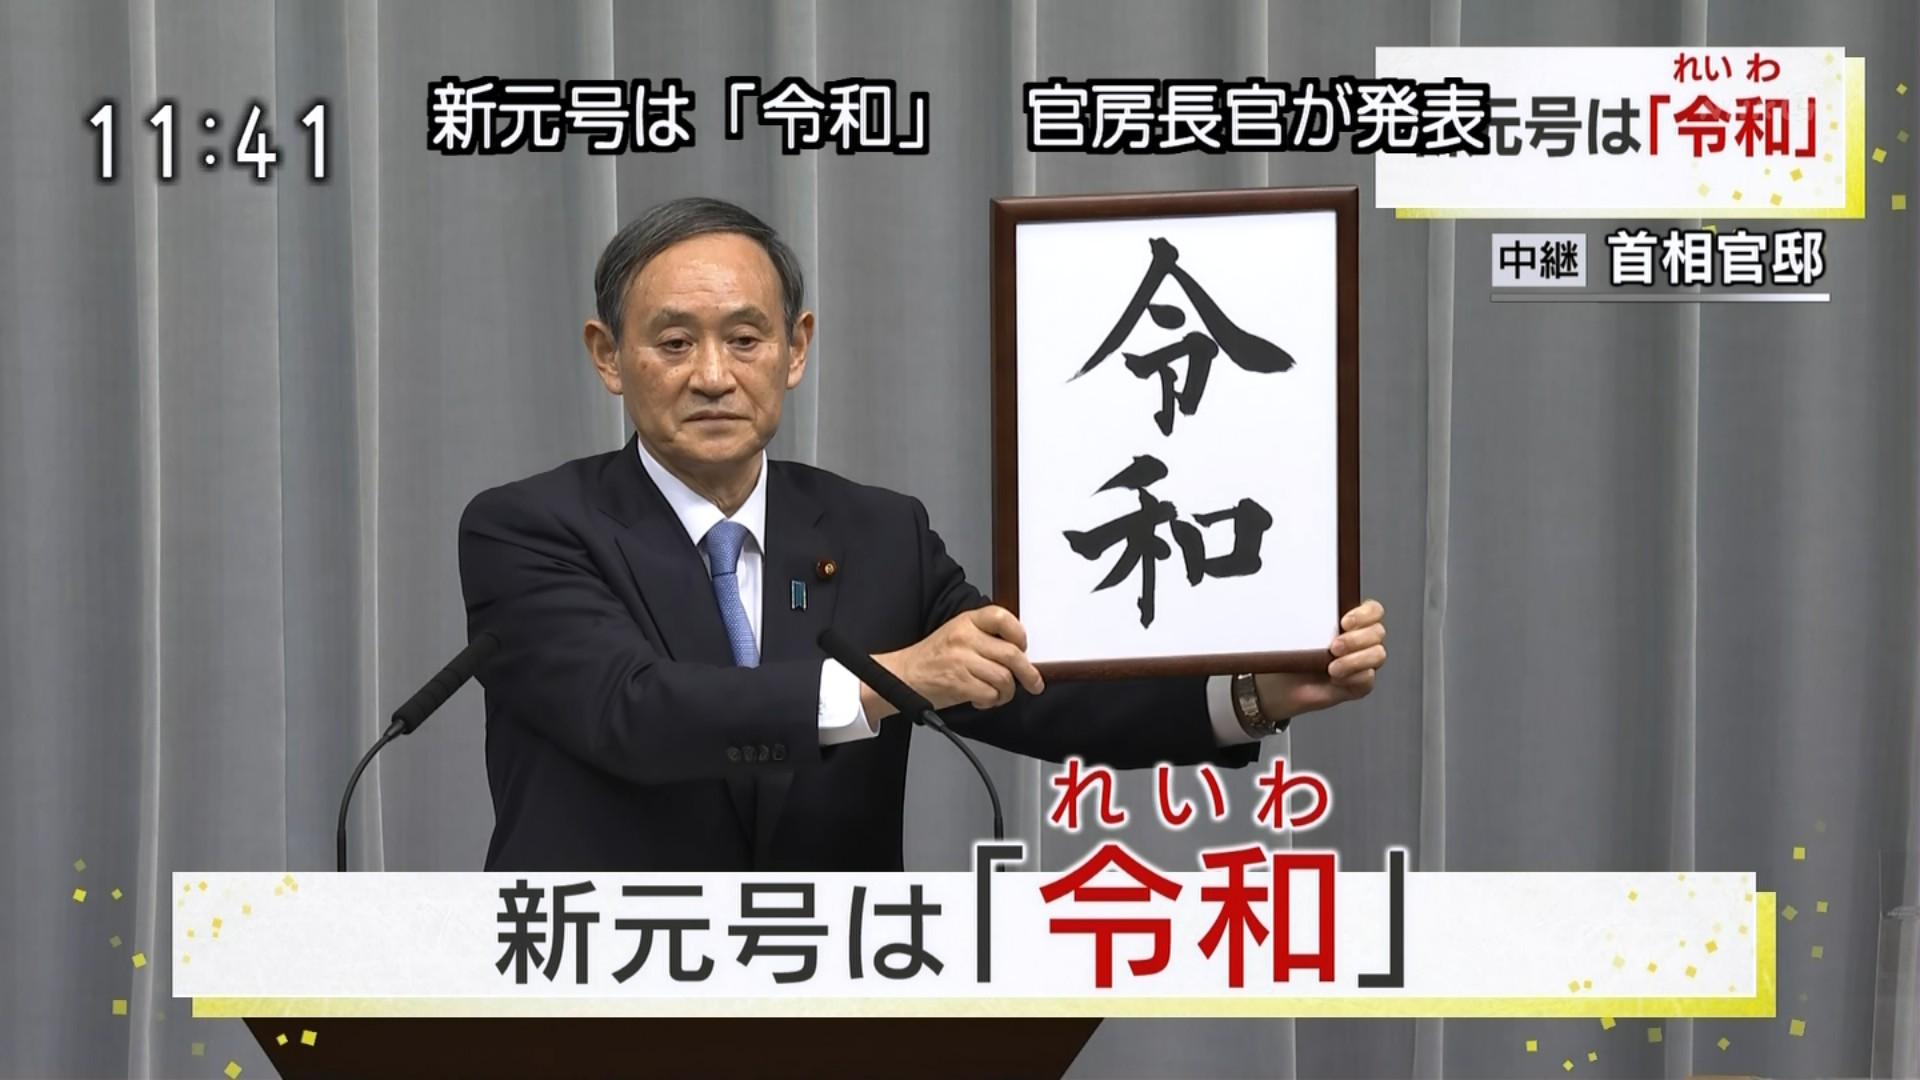 """令和18年成年的都会是""""猛""""汉吗?日本新年号""""令和""""公开- ACG17.COM"""